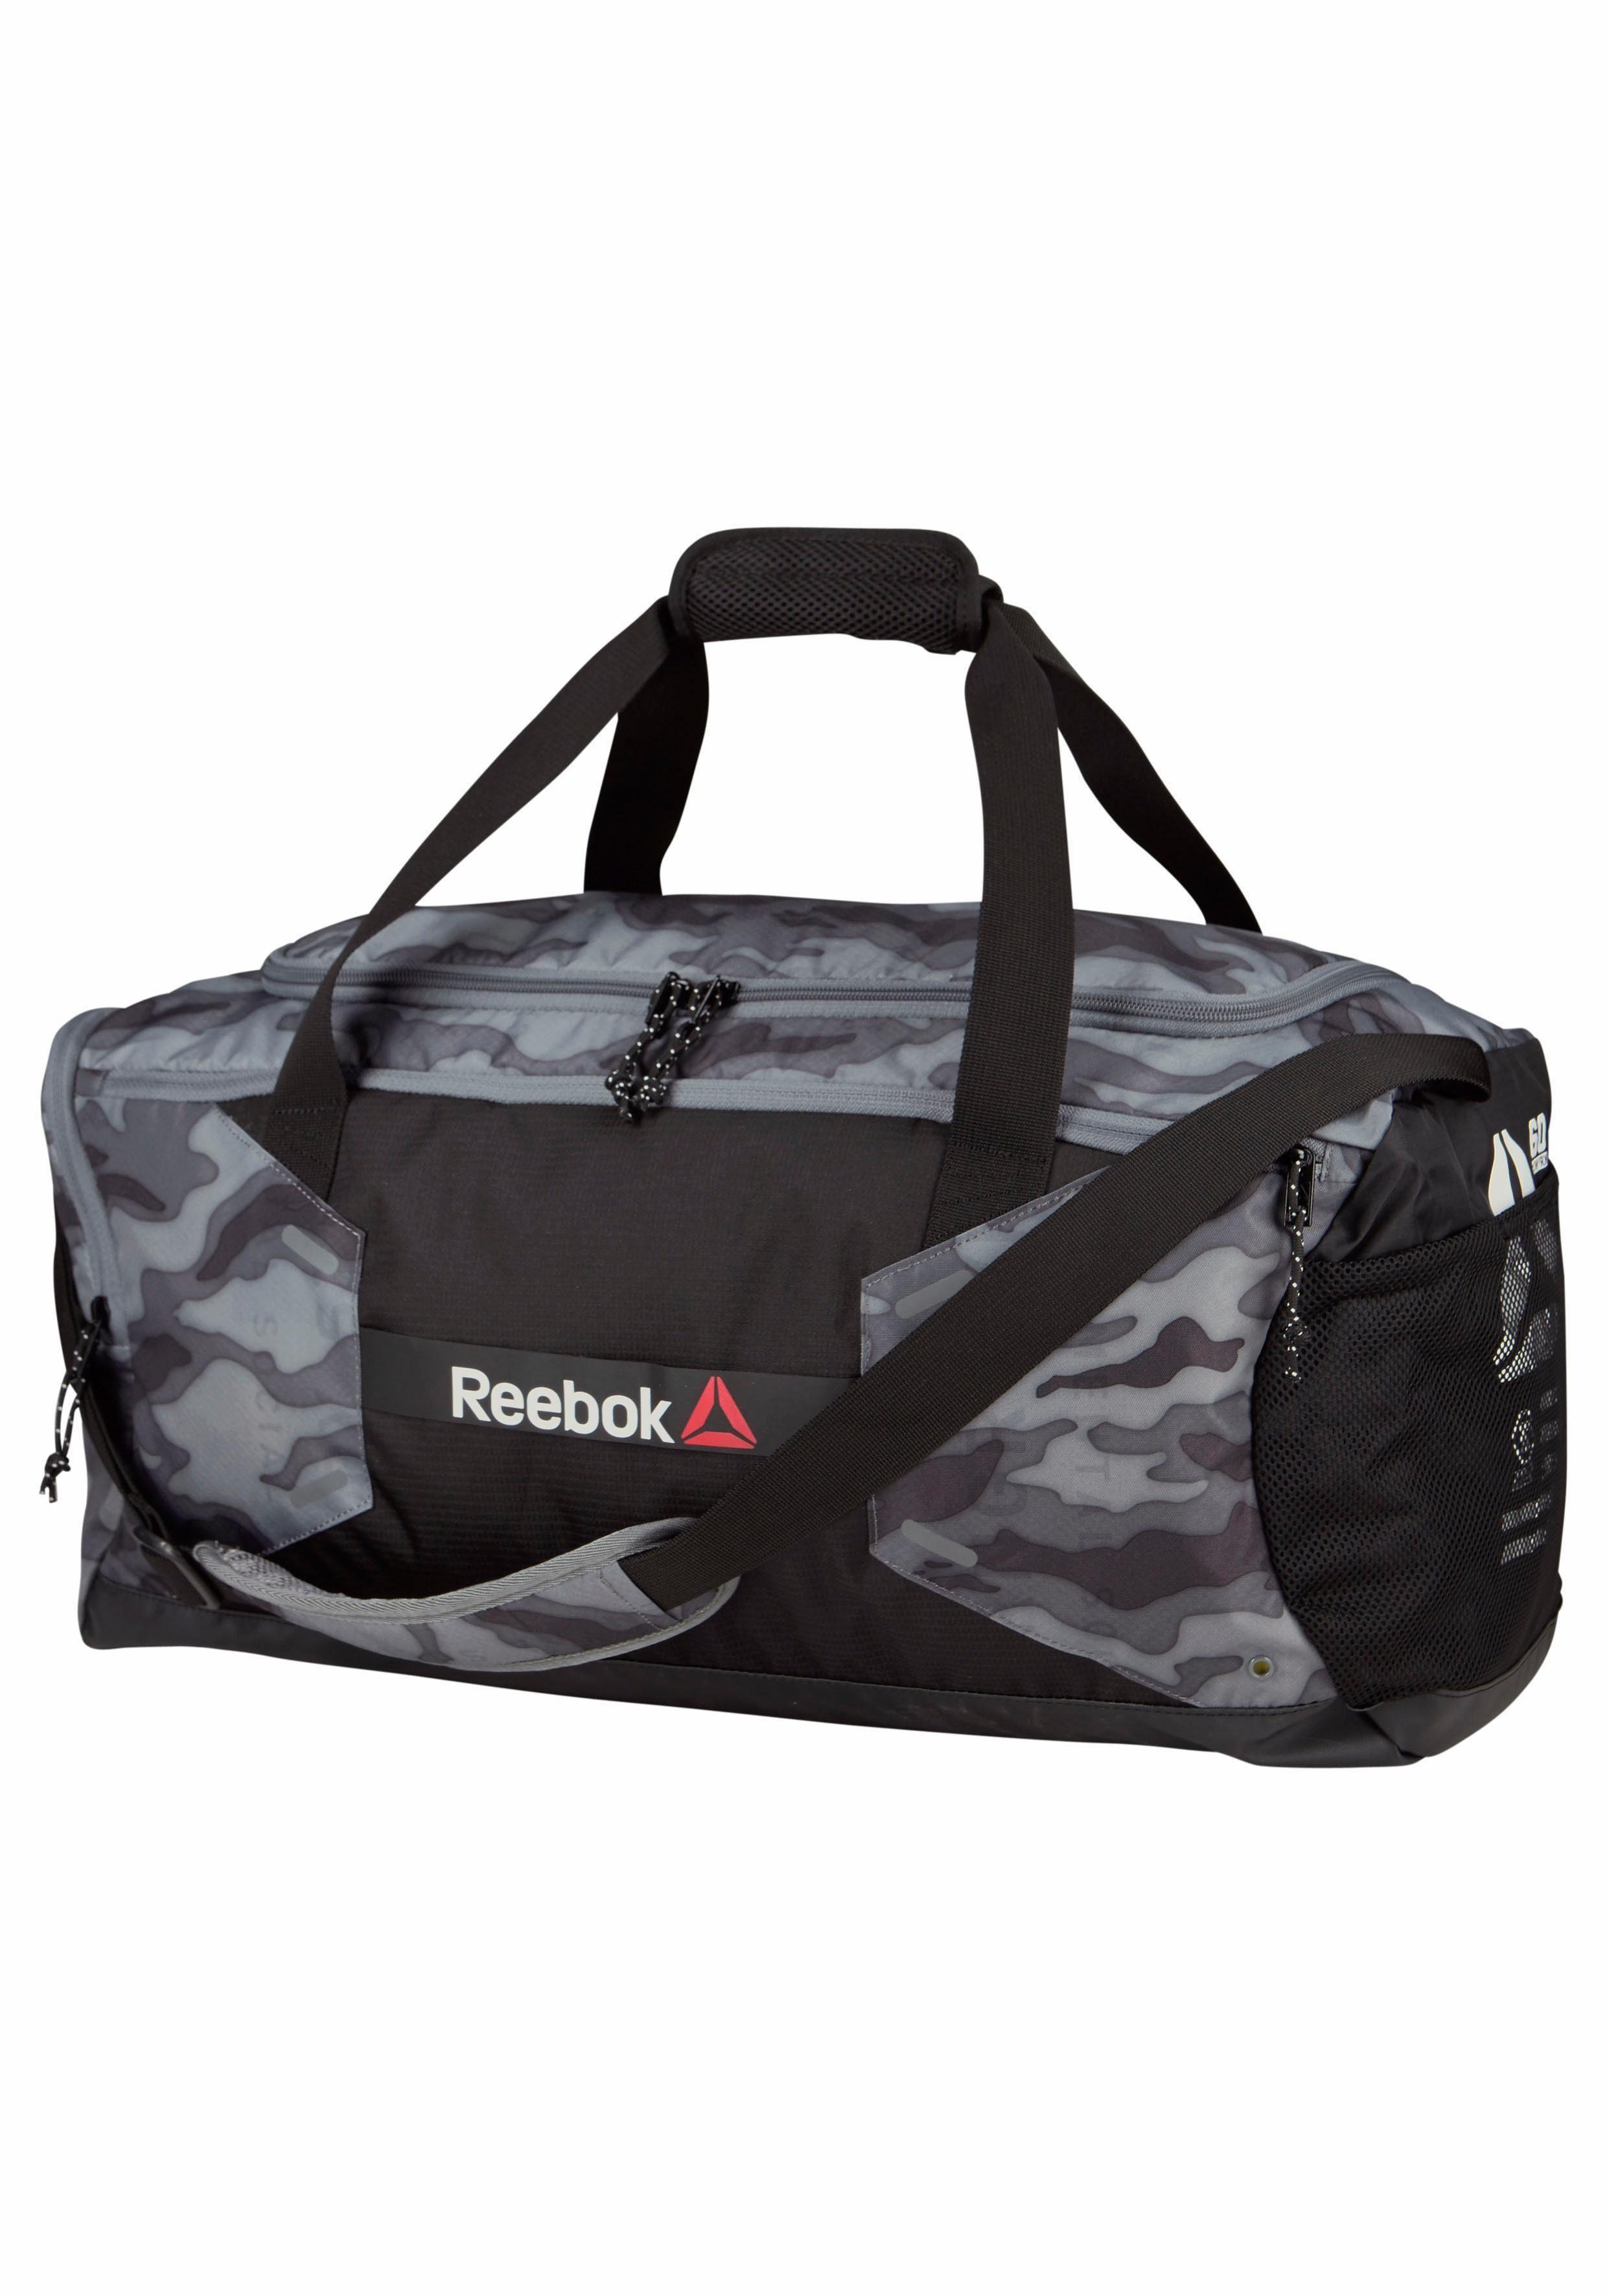 Reebok Sporttasche »One Series Unisex Grip«